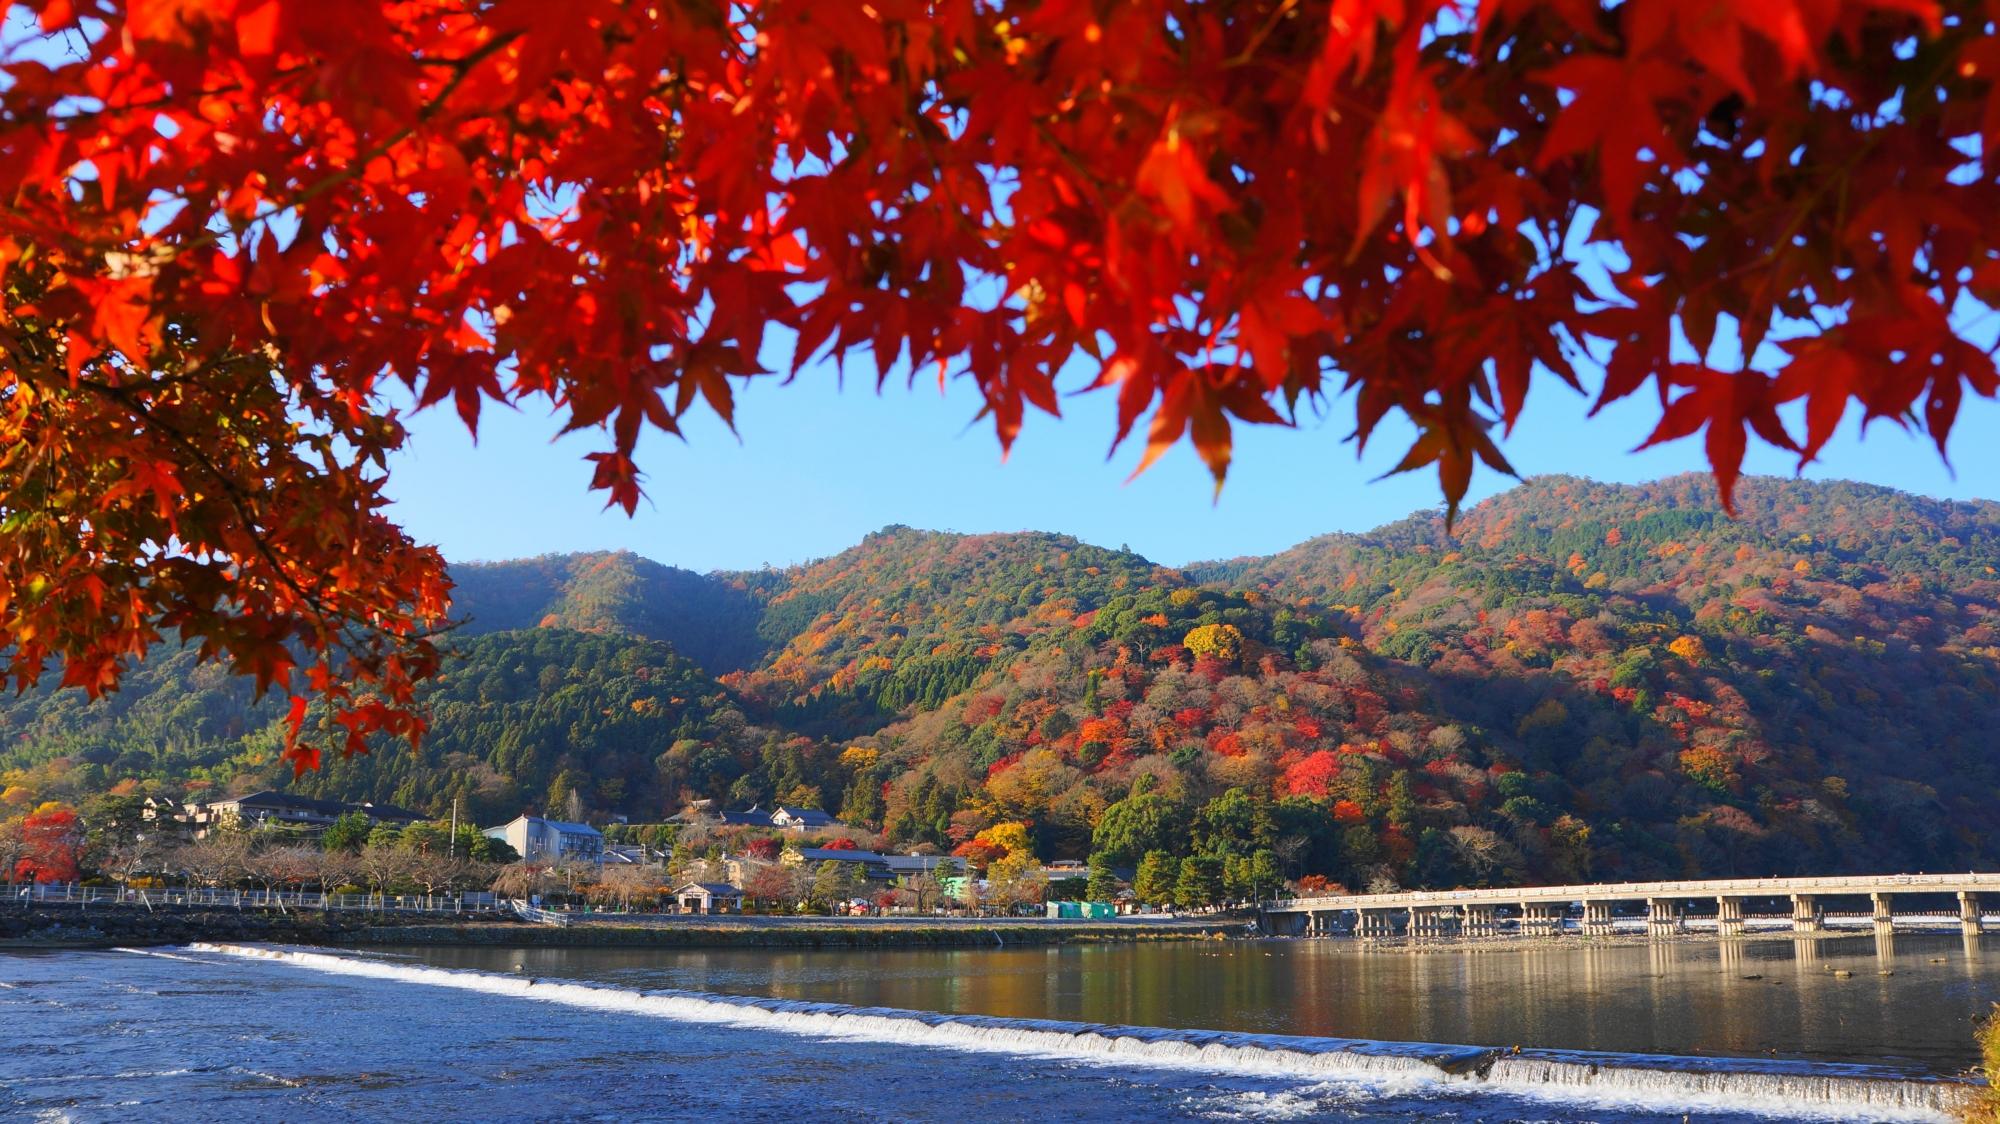 京都嵐山を観光!人気スポットからおすすめの名所をご紹介!